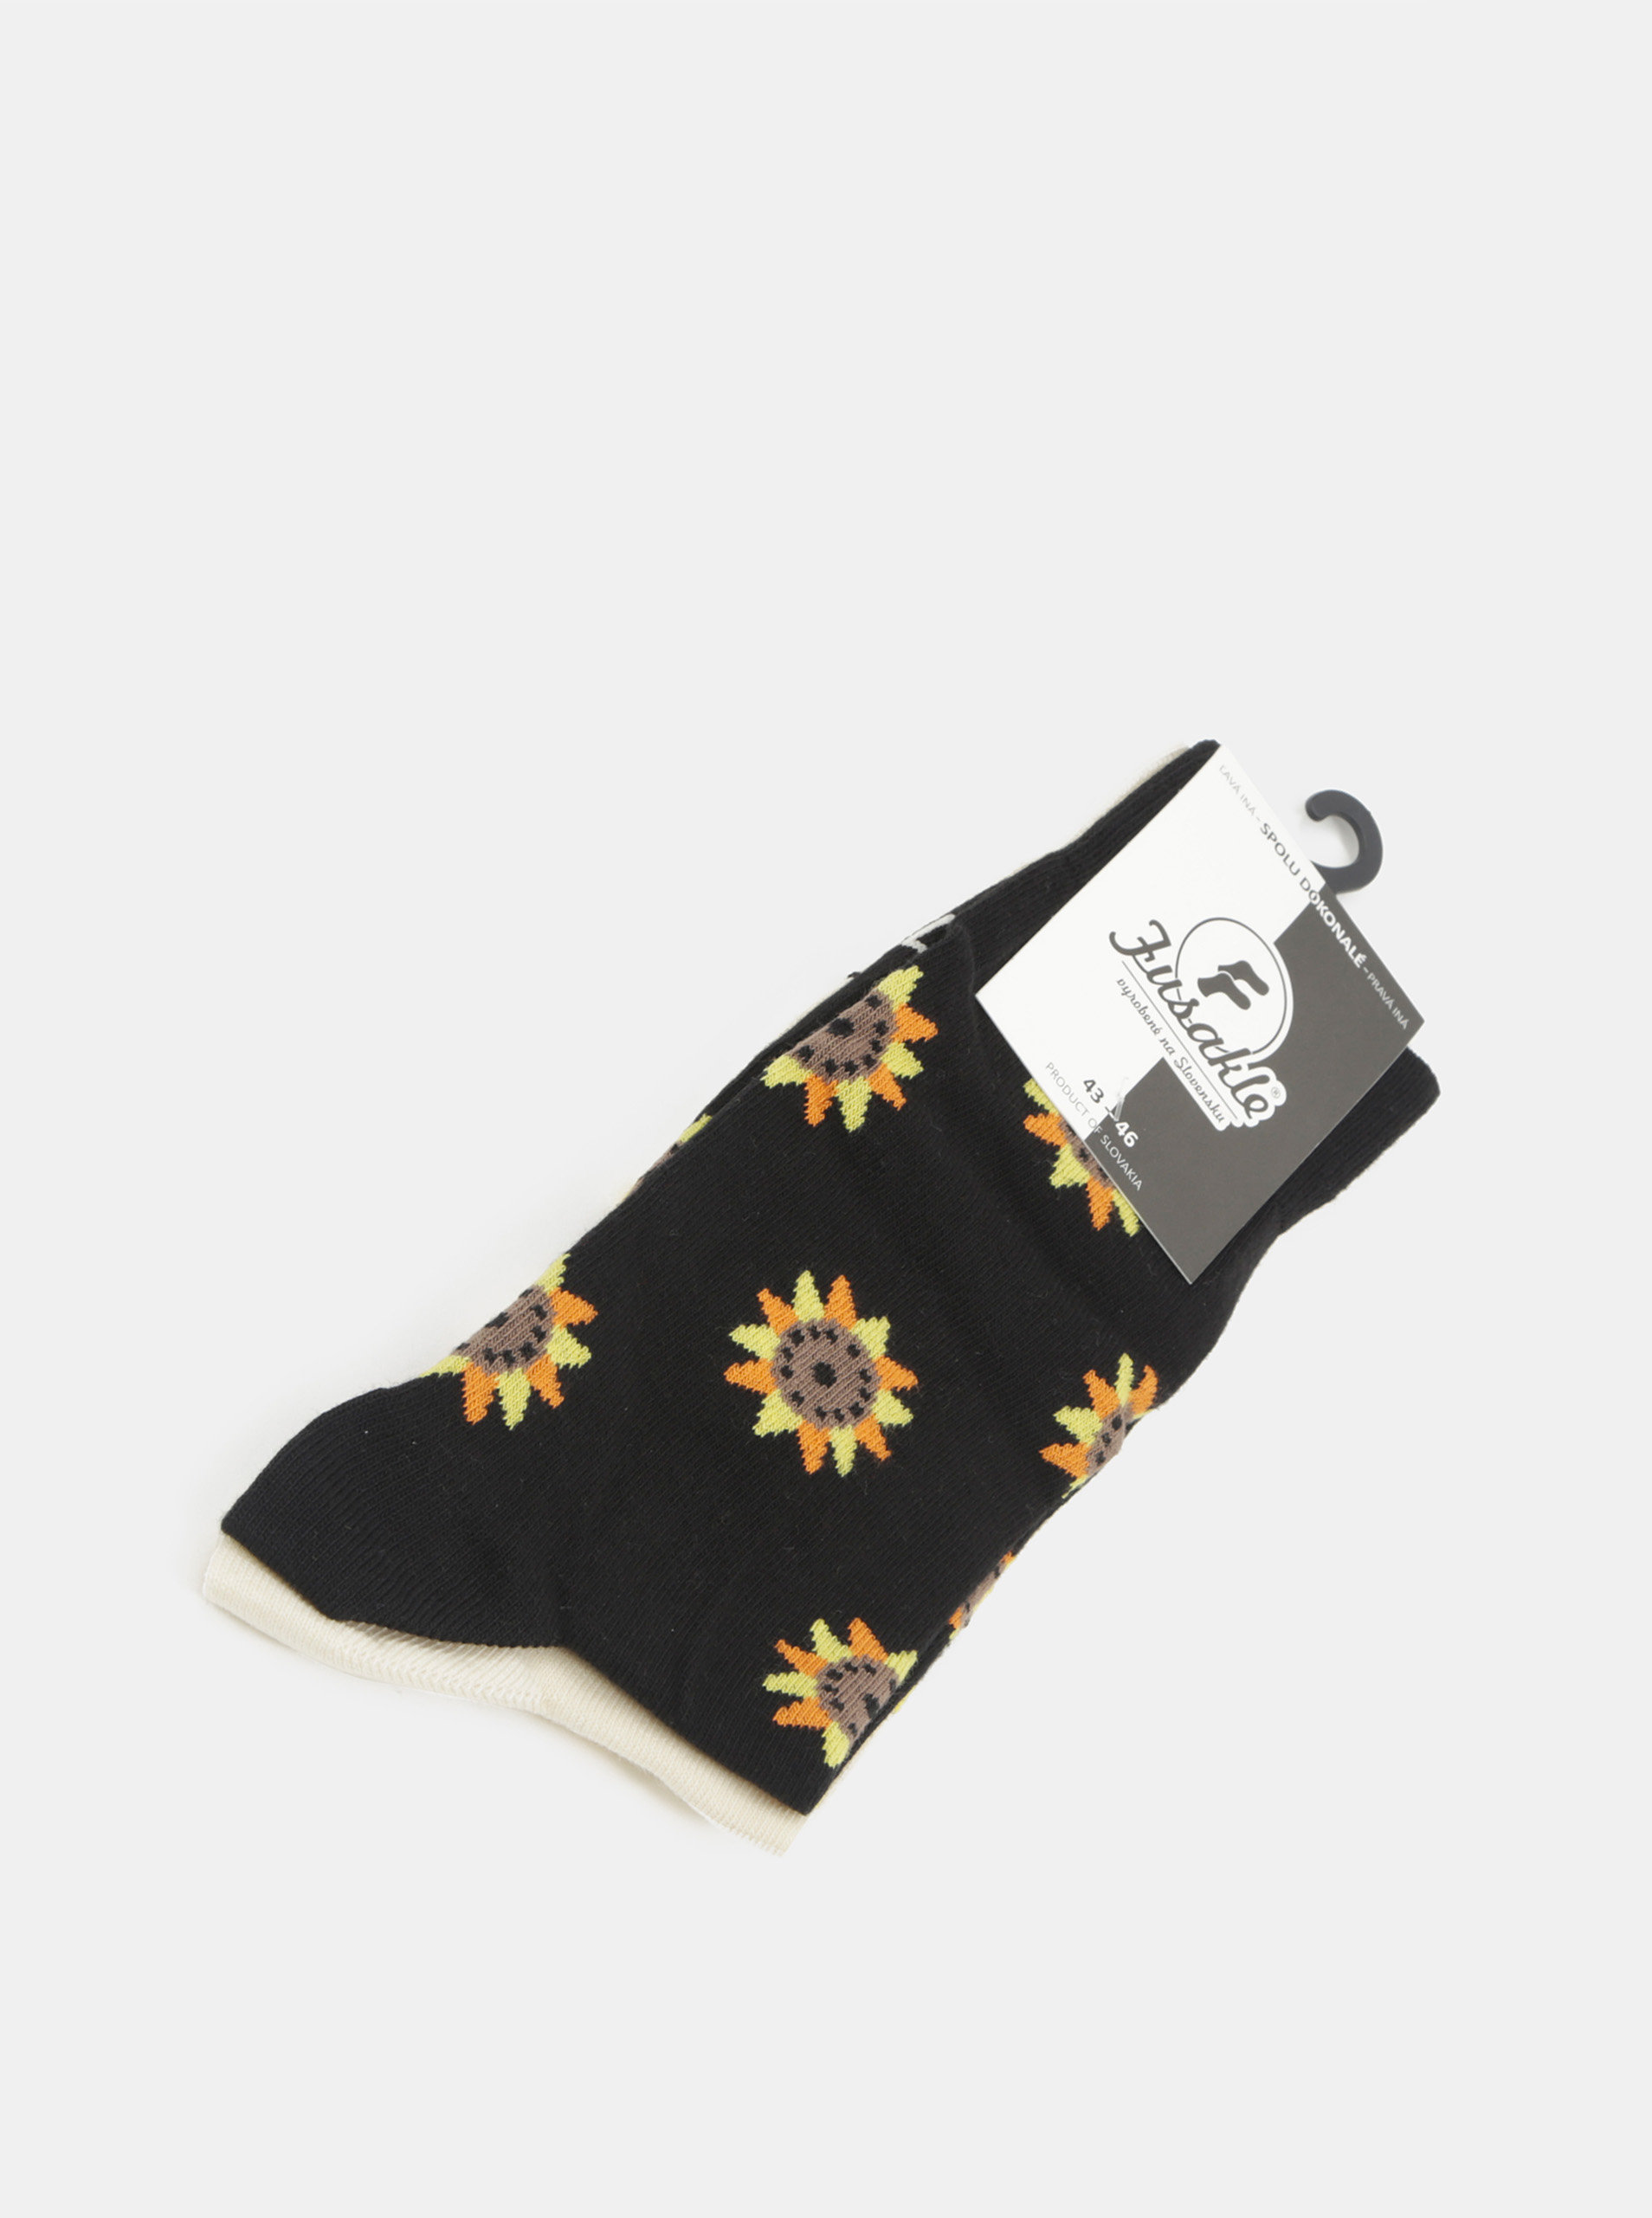 5c3a53faaf1c Béžovo-čierne unisex ponožky s motívom slnečníc Fusakle Slnečnice ...